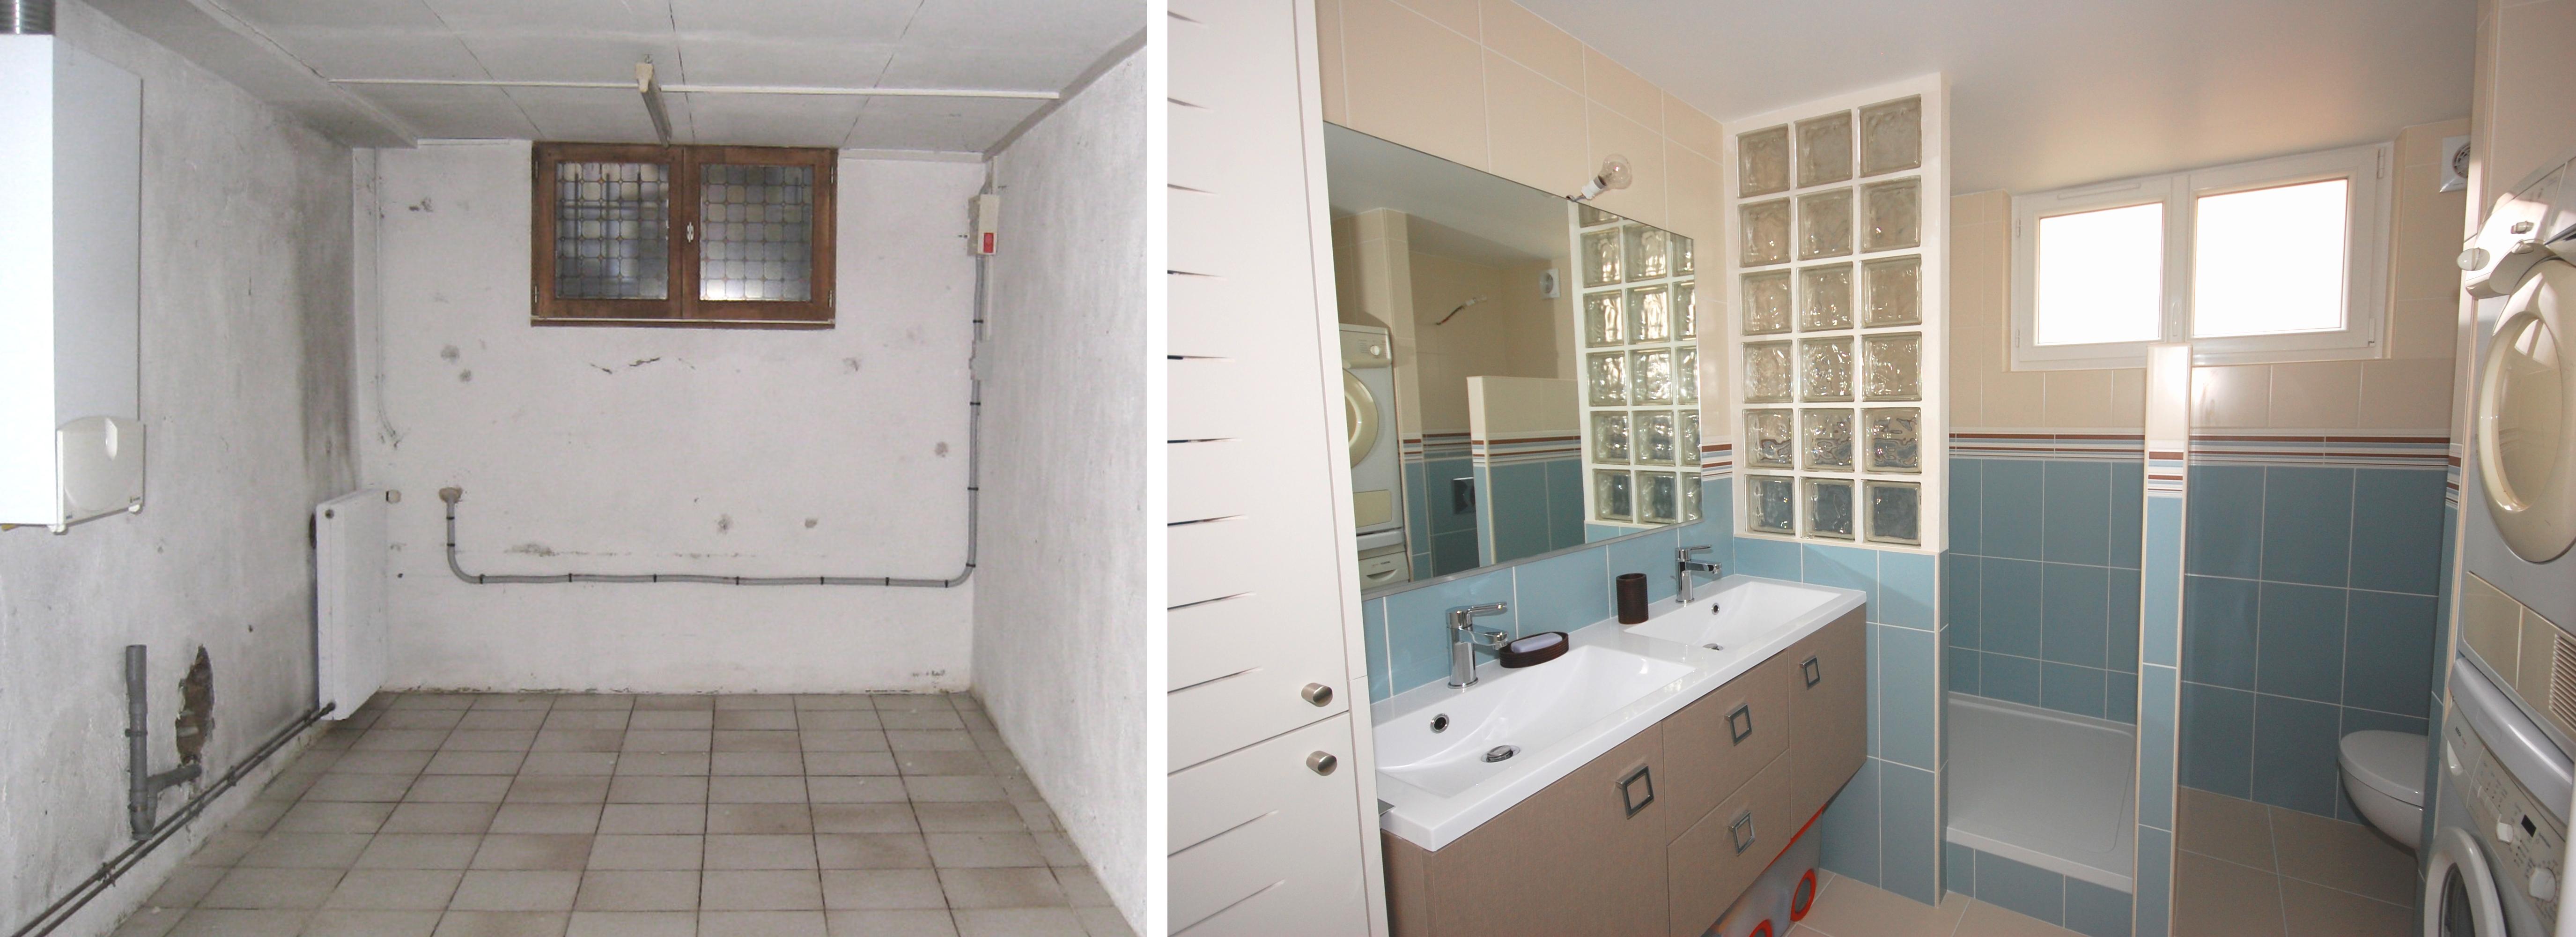 Gallery of rnovation duune maison de m with installer une for Installer un ventilateur de salle de bain